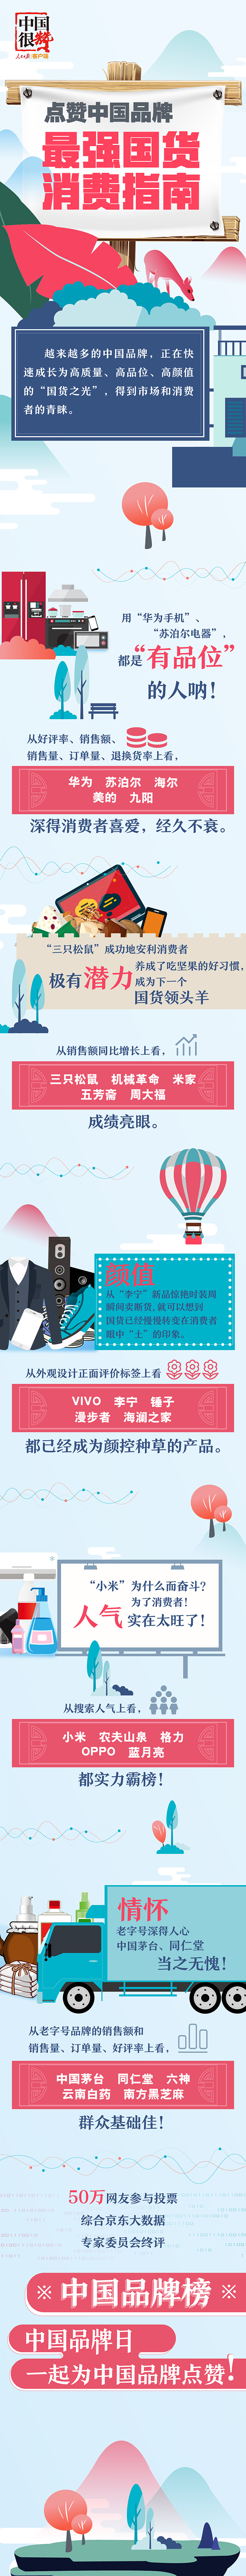 中国品牌榜长图- 不带logo版640宽.jpg